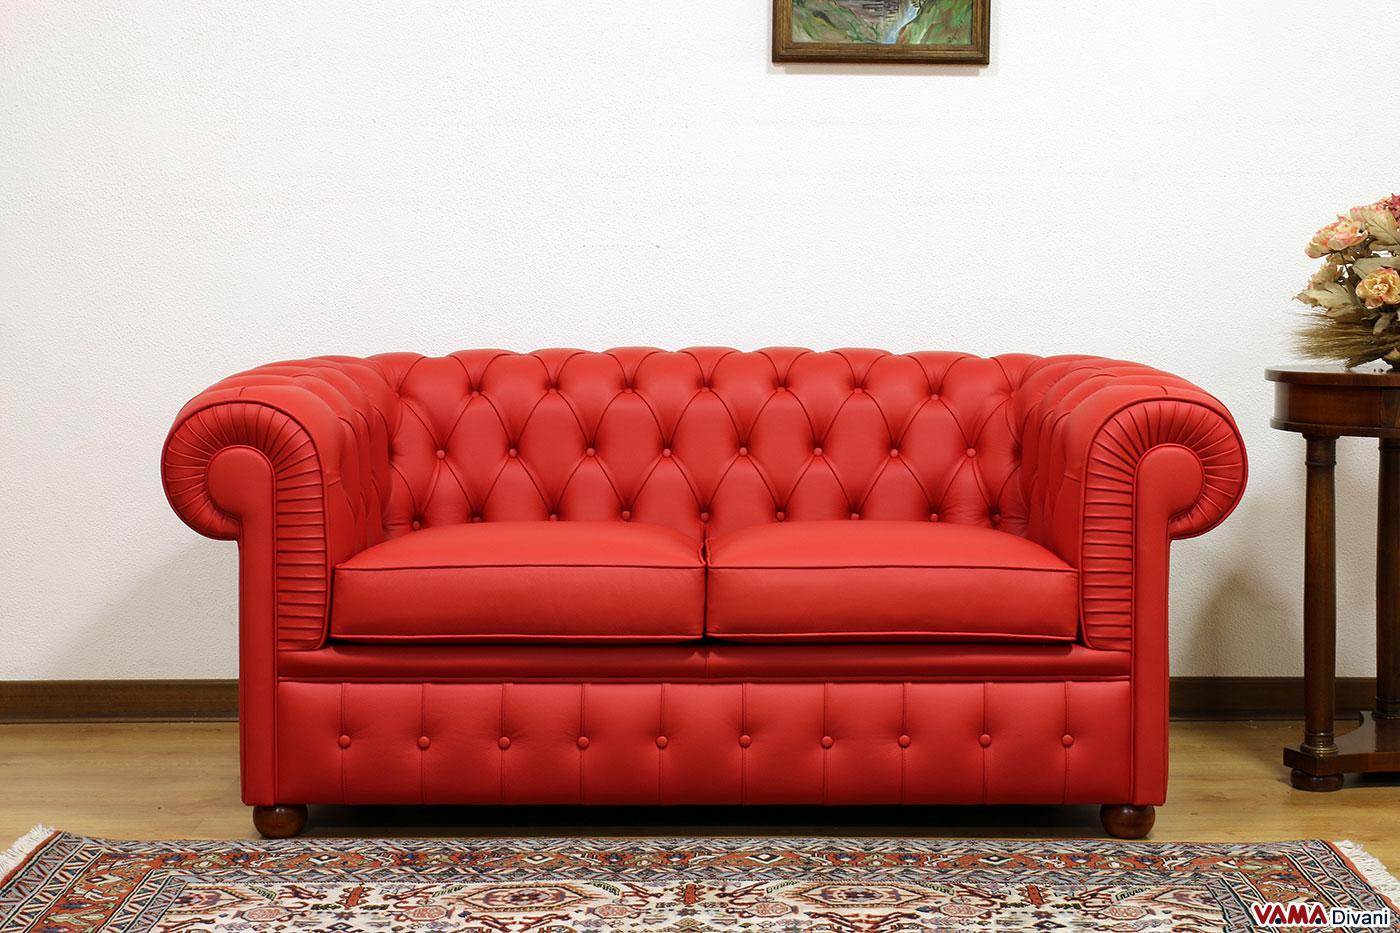 Cani da salotto 5 razze perfette per il divano velvetpets - Divano in pelle rosso ...